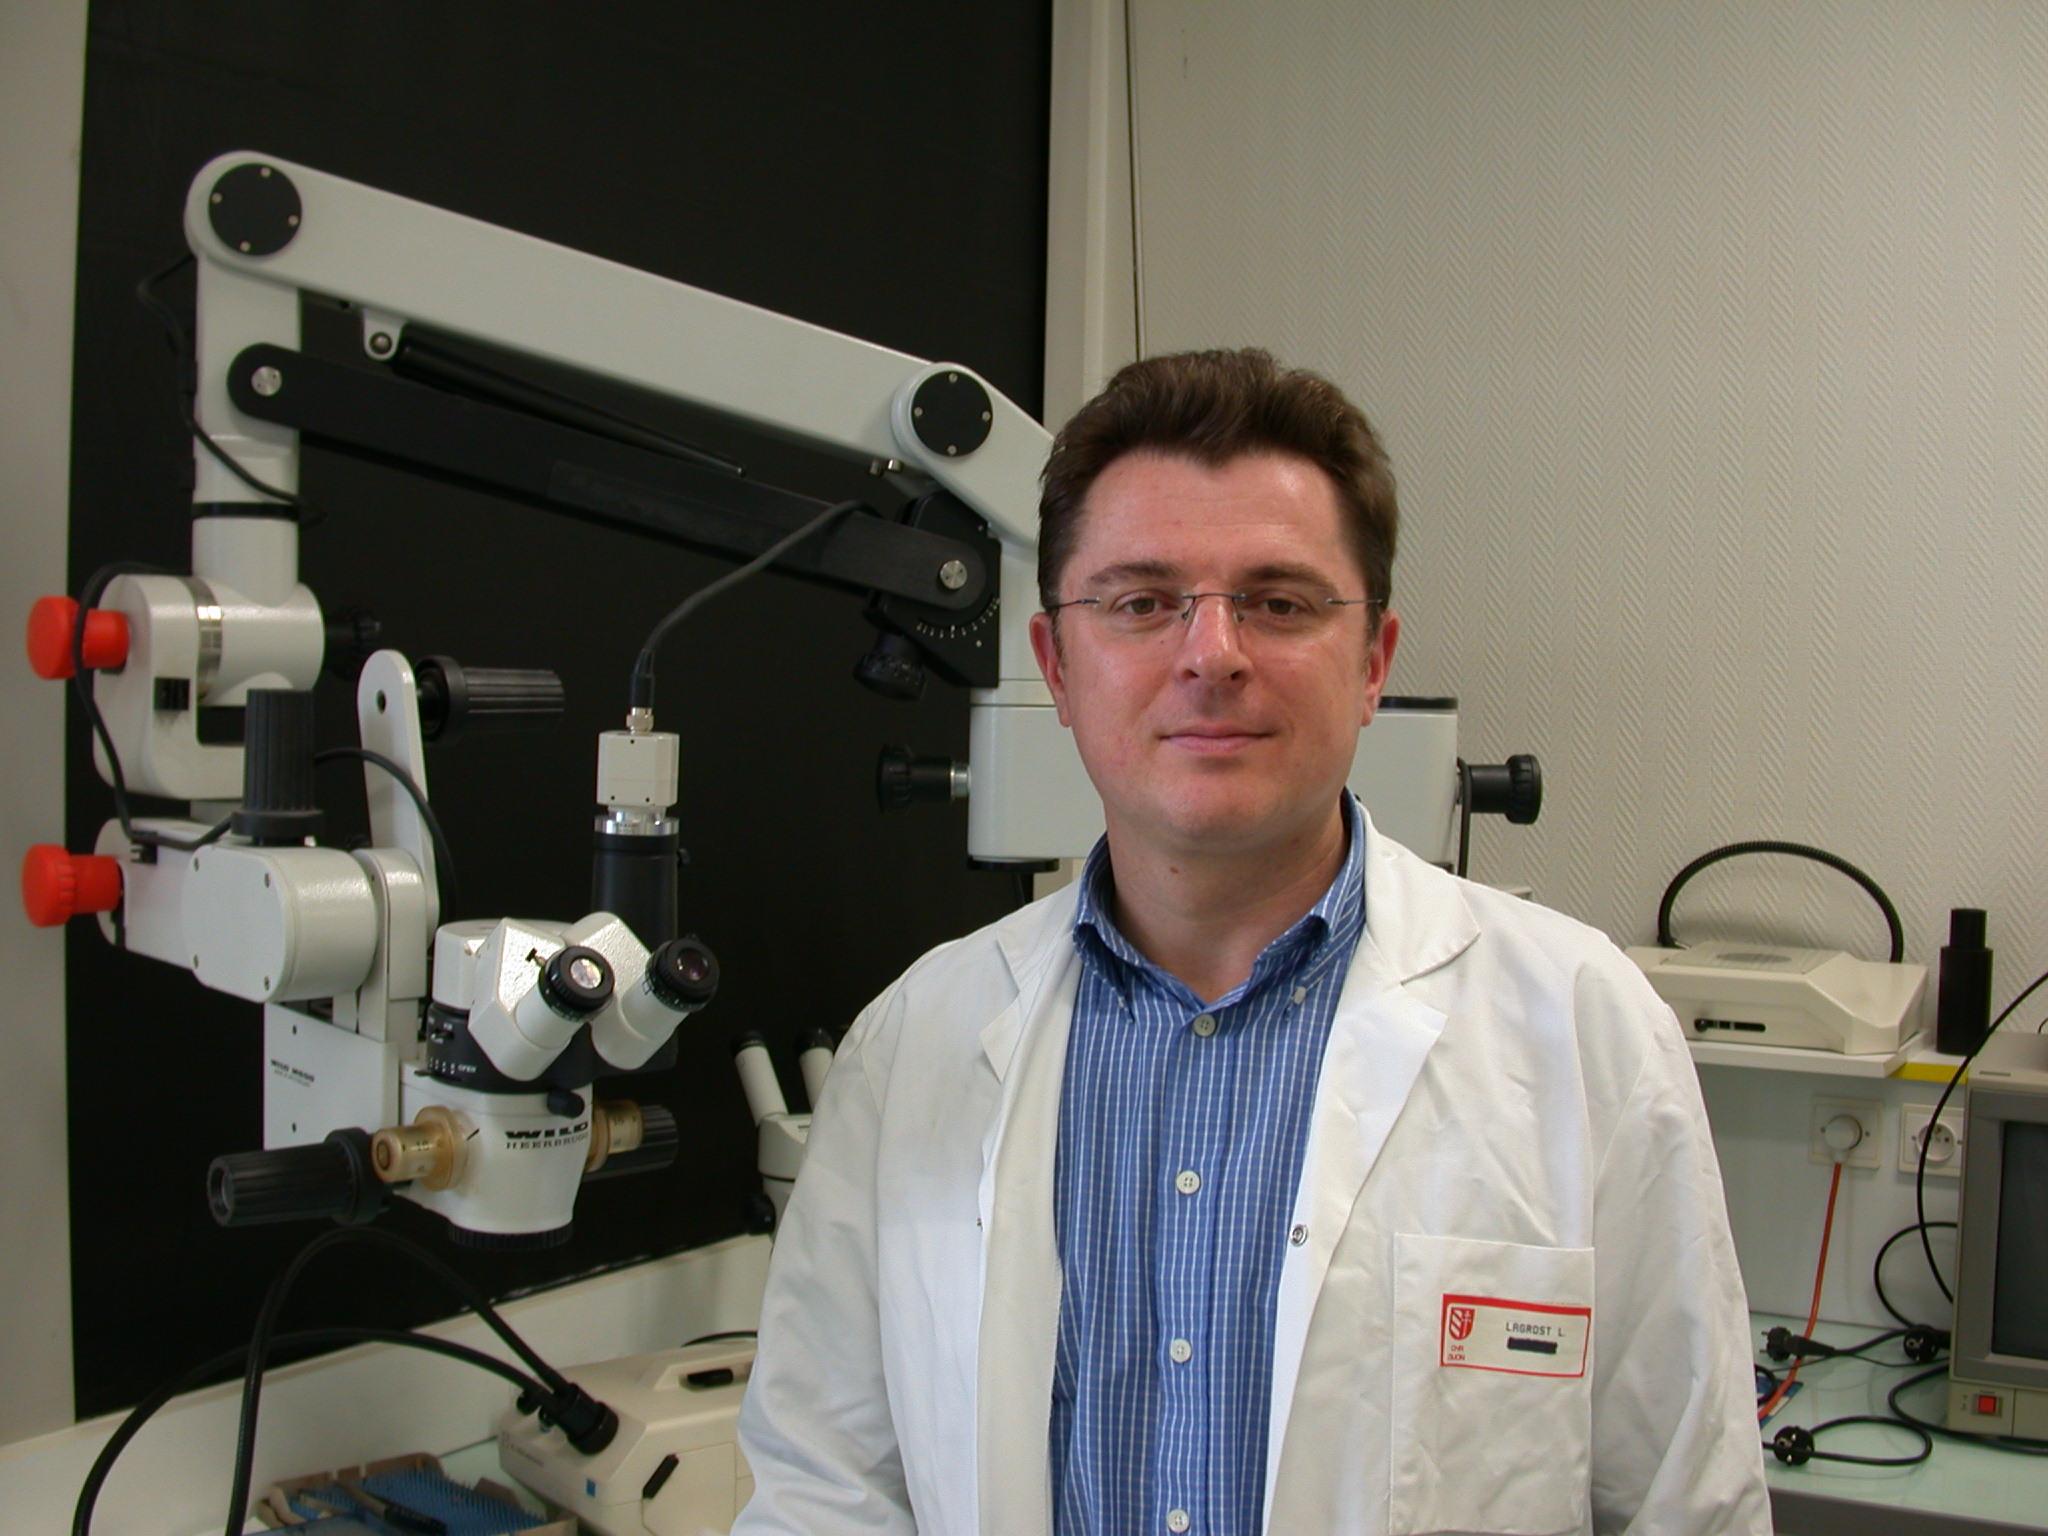 Directeur de recherche à l'Inserm (Institut national de la santé et de la recherche médicale) à l'Université de Bourgogne à Dijon, Laurent Lagrost a été l'un des premiers à alerter sur l'arrivée imminente de l'épidémie de coronavirus en France. La Ligue contre l'obésité l'a interviewé. Ses recherches le conduisent à penser que l'obésité est un facteur de risque majeur de forme dangereuse du coronavirus. Pour cet expert, la mémoire immunitaire, notamment au BCG ou à la tuberculose, pourrait contribuer à diminuer les formes sévères ou critiques du Covid-19.